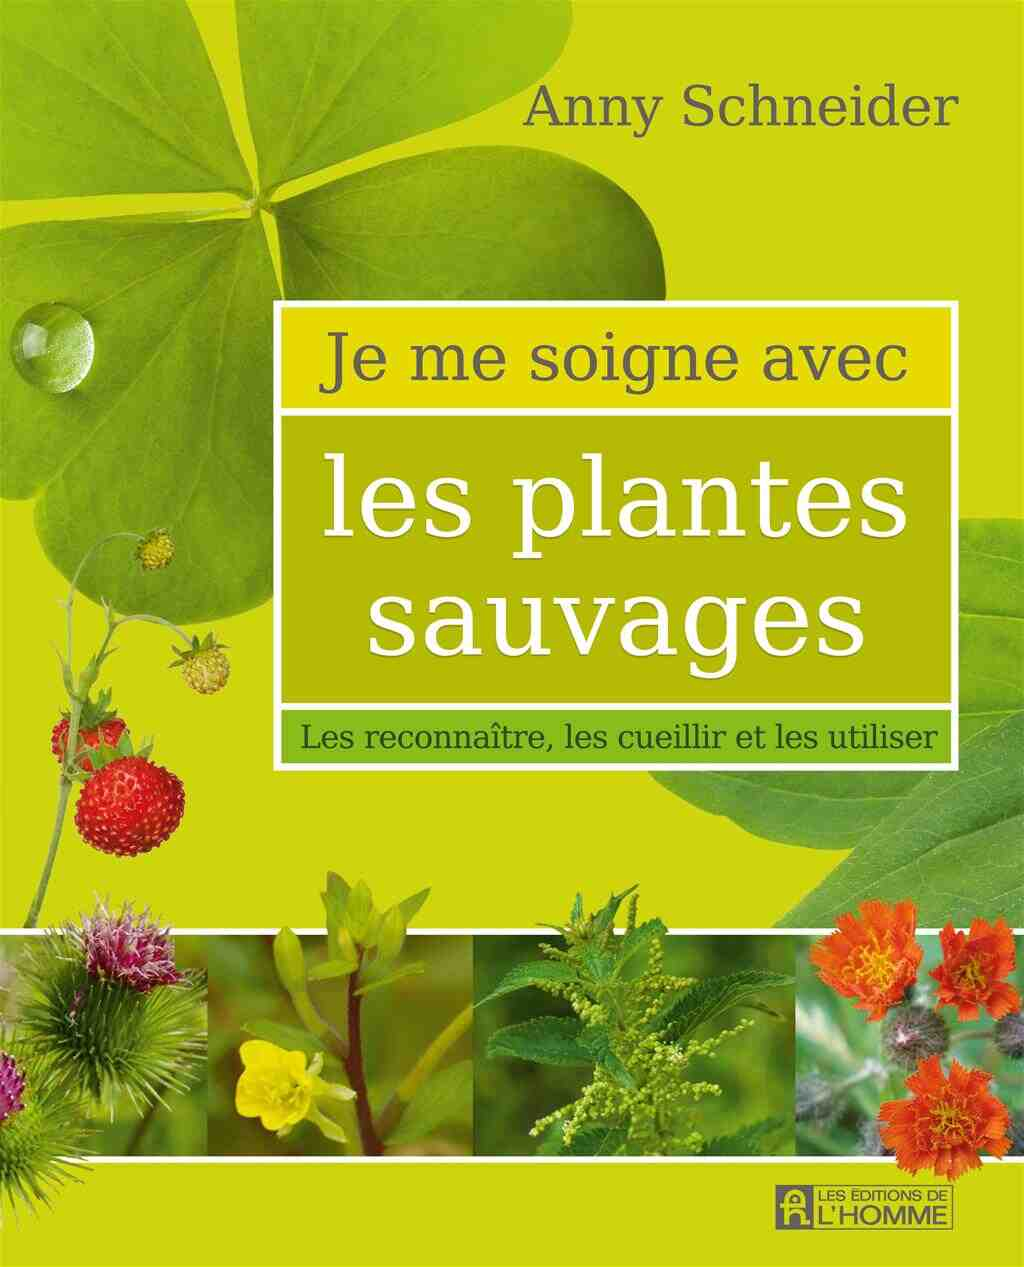 Quelles plantes sont les meilleures pour votre santé?